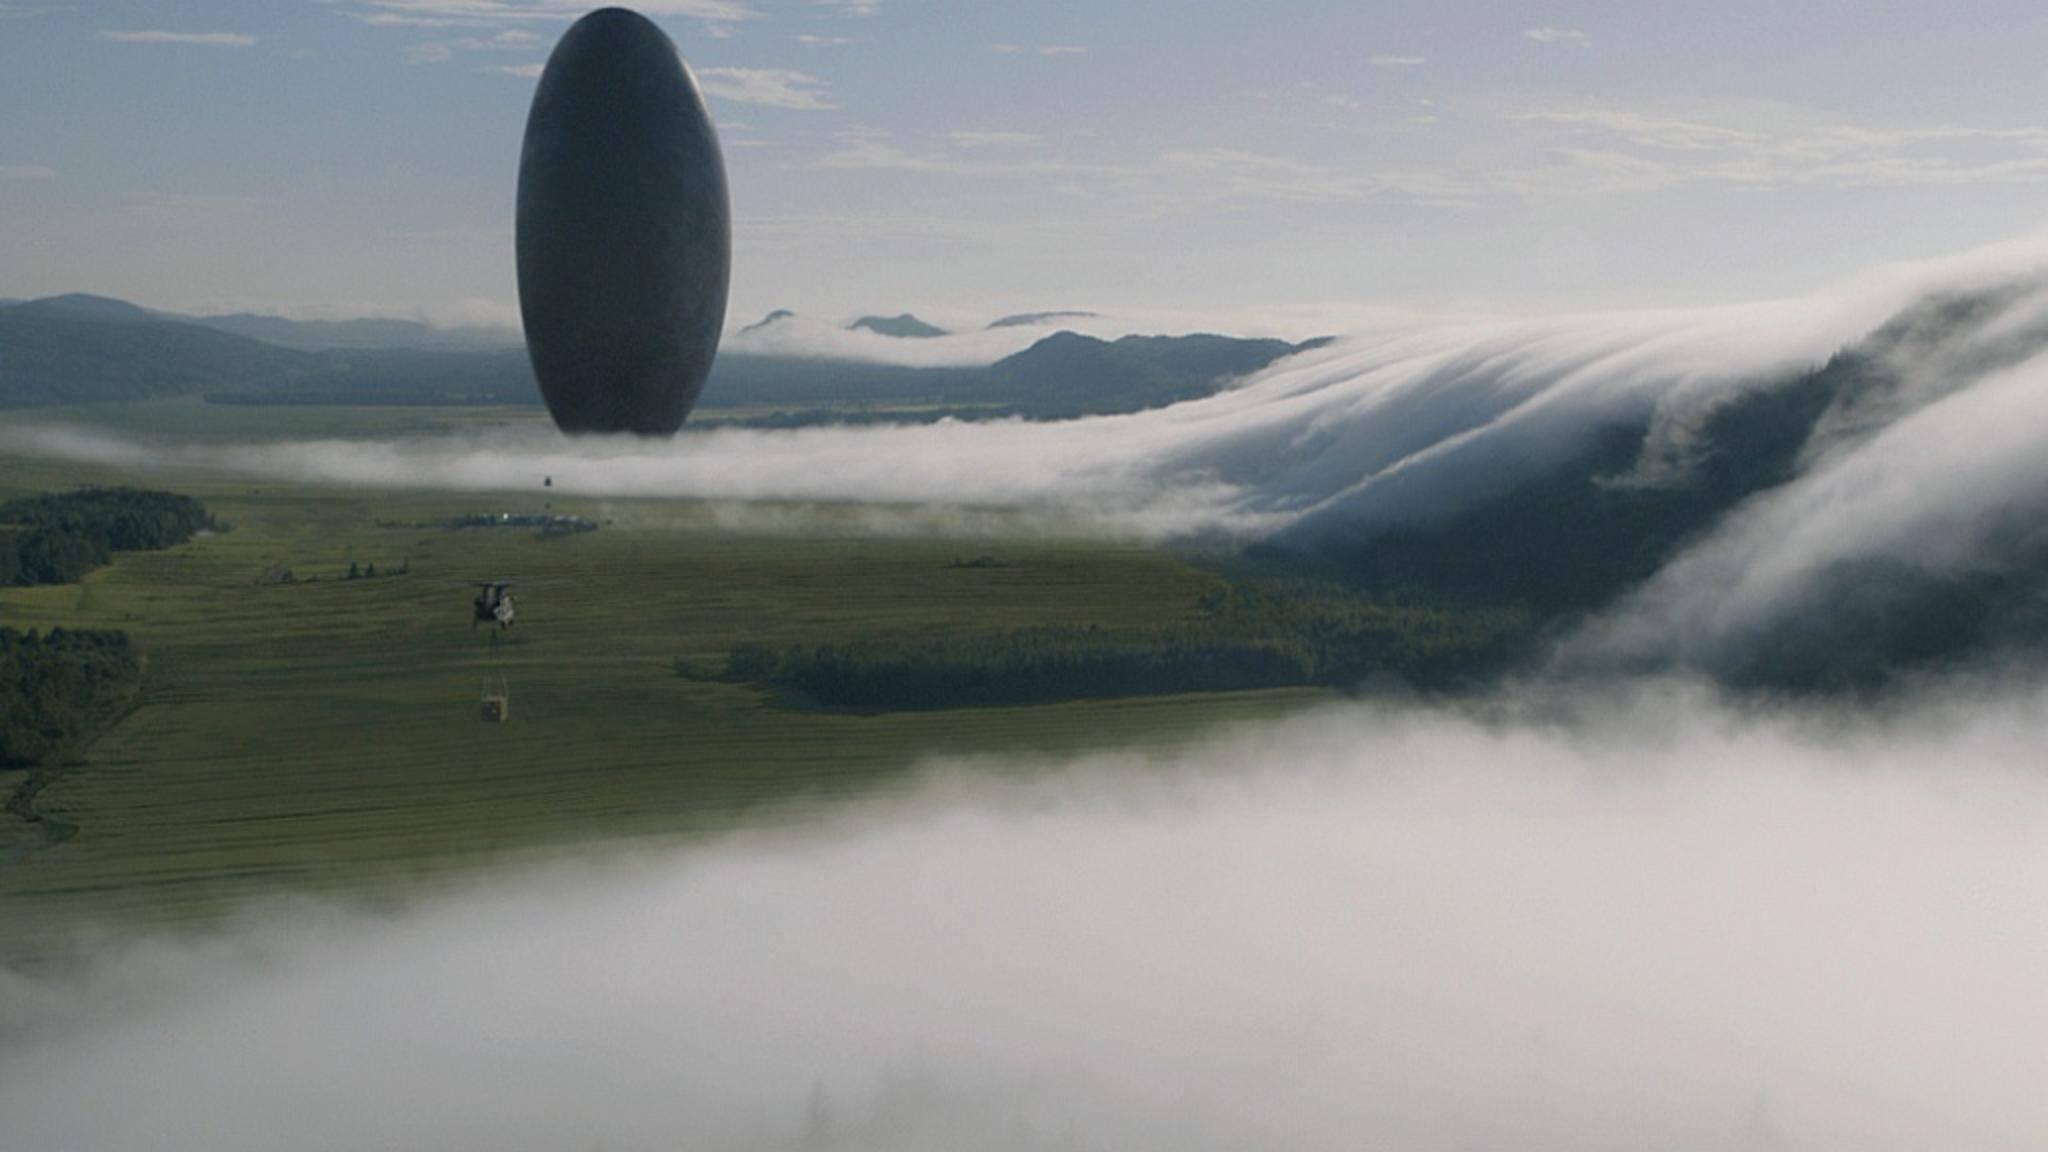 """Was wollen die hier? In Science-Fiction-Filmen wie """"Arrival"""" steht die Kommunikation mit den Aliens im Vordergrund. In anderen Weltraumepen geht es eher deftig zur Sache..."""